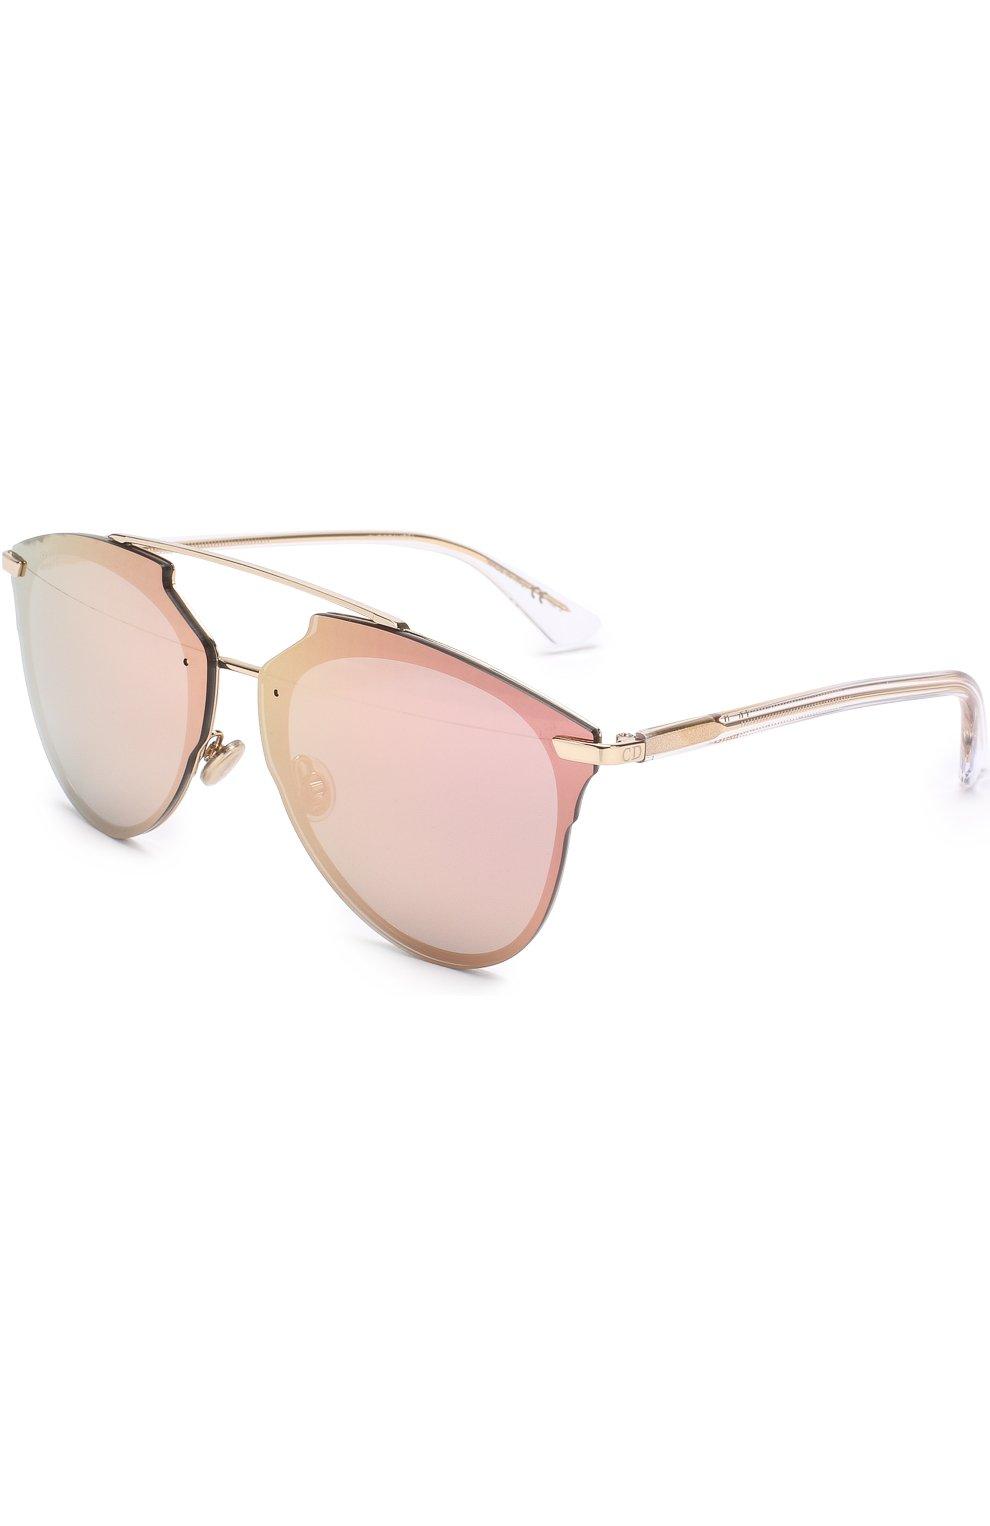 Женские солнцезащитные очки DIOR золотого цвета, арт. DI0RREFLECTEDP S5Z | Фото 1